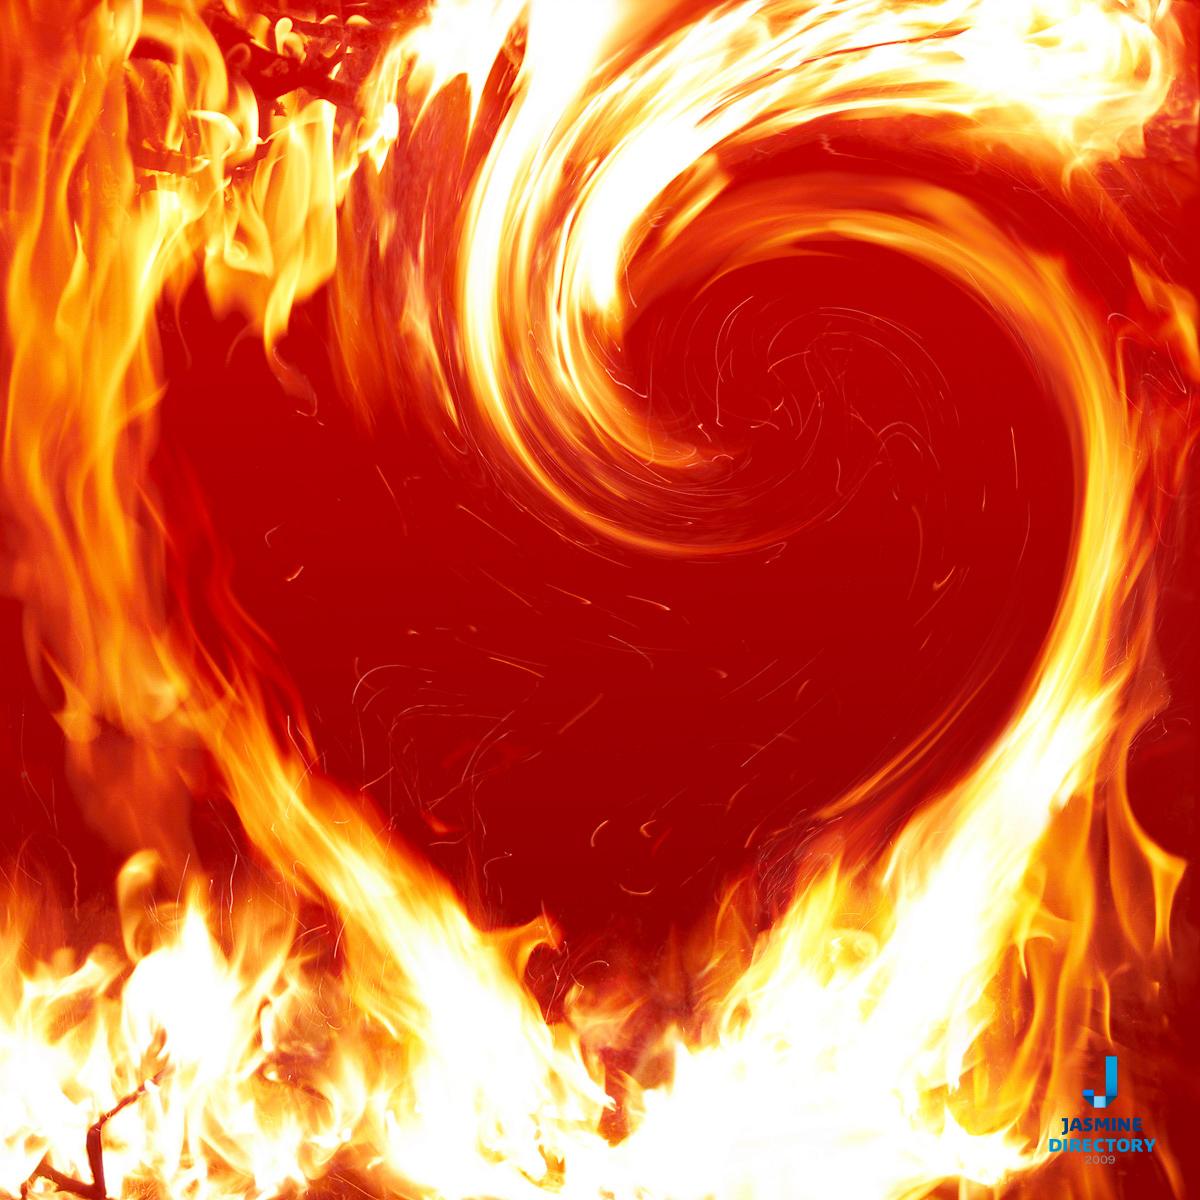 Fire - Heart